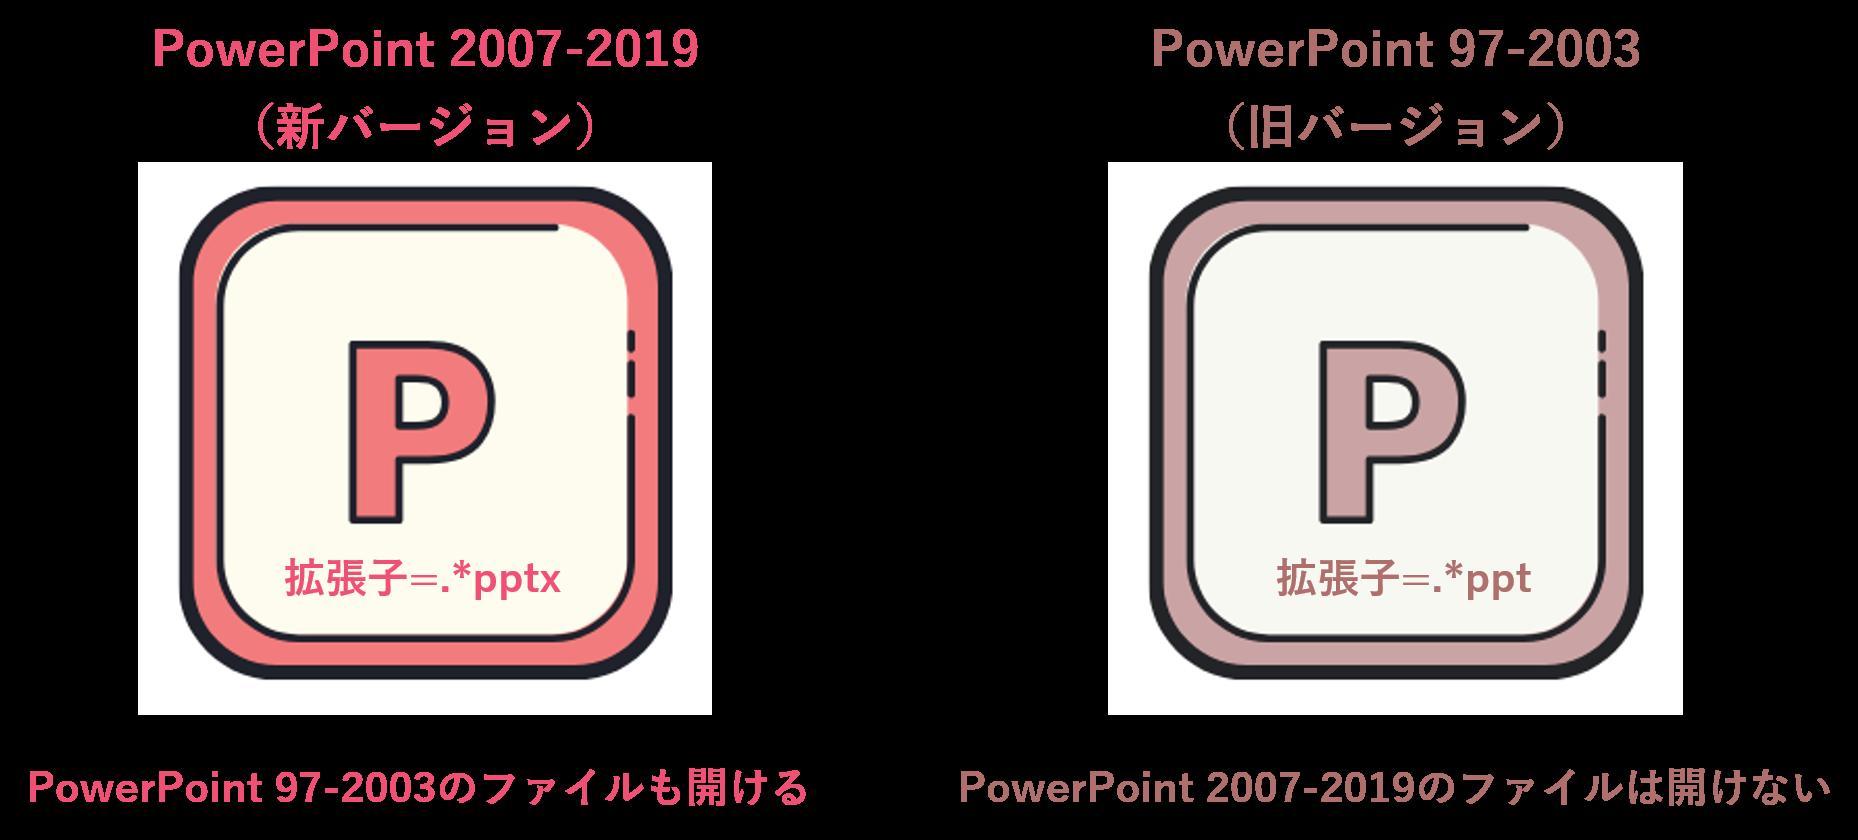 旧バージョンのパワーポイントでは、新バージョンのパワーポイントを開けない